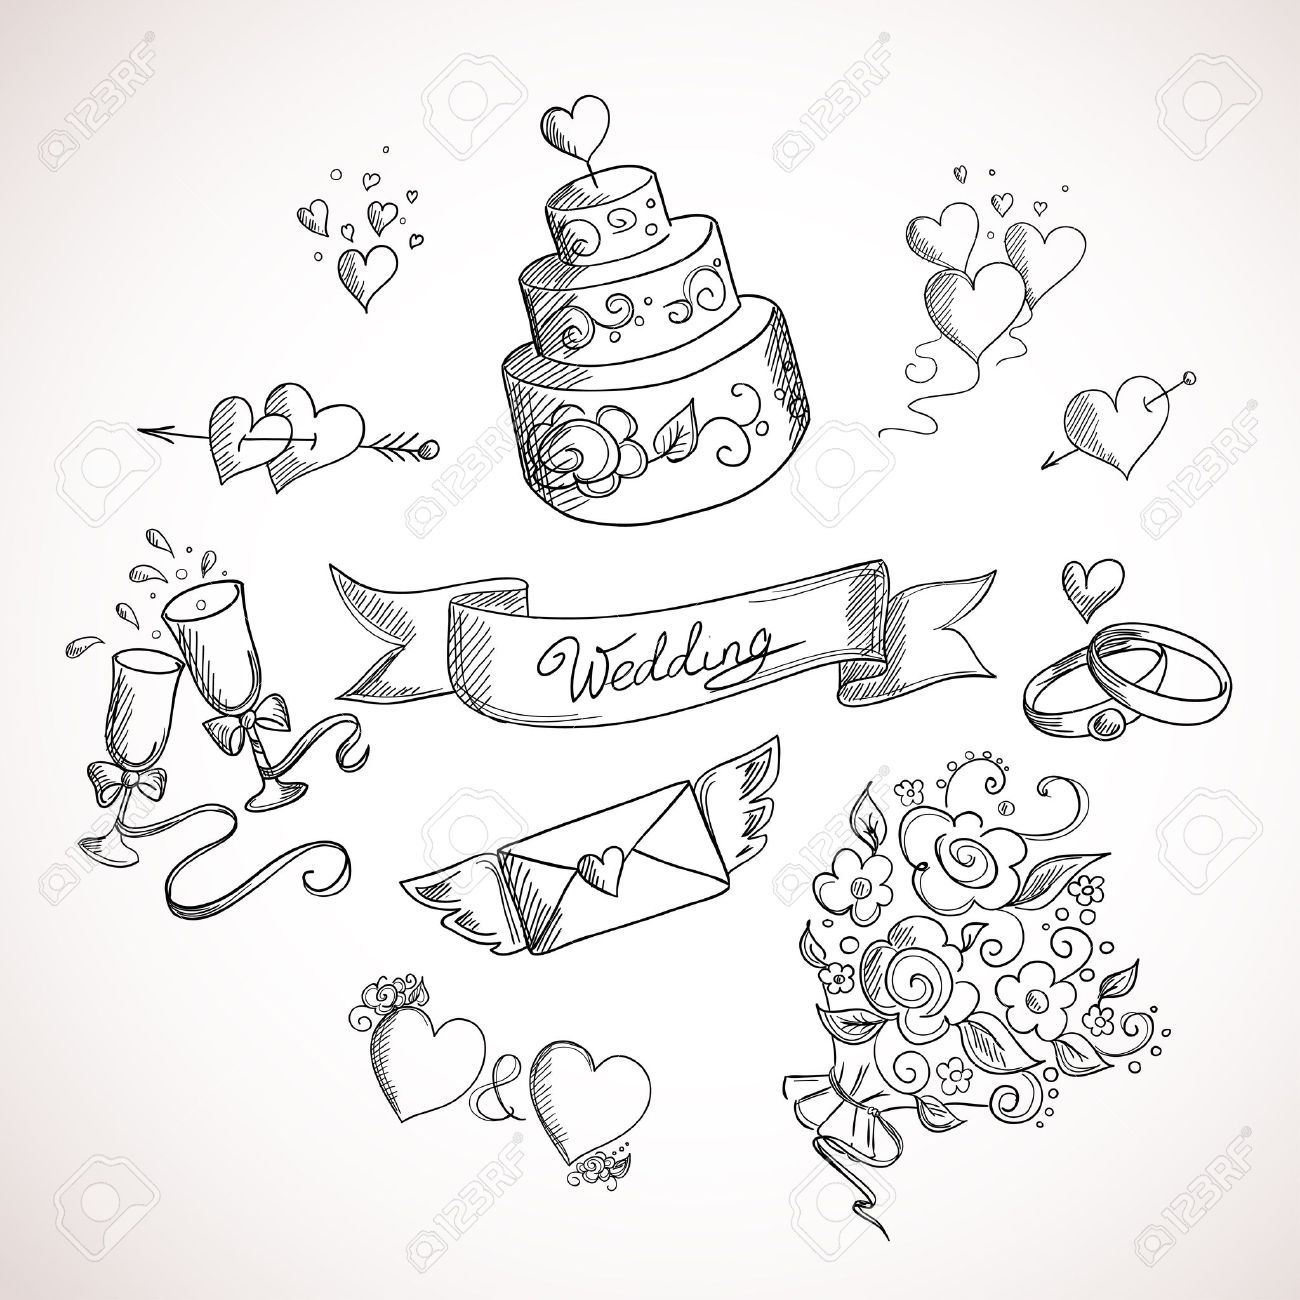 結婚式のデザイン要素のスケッチ 手描きイラストのイラスト素材 ベクタ Image